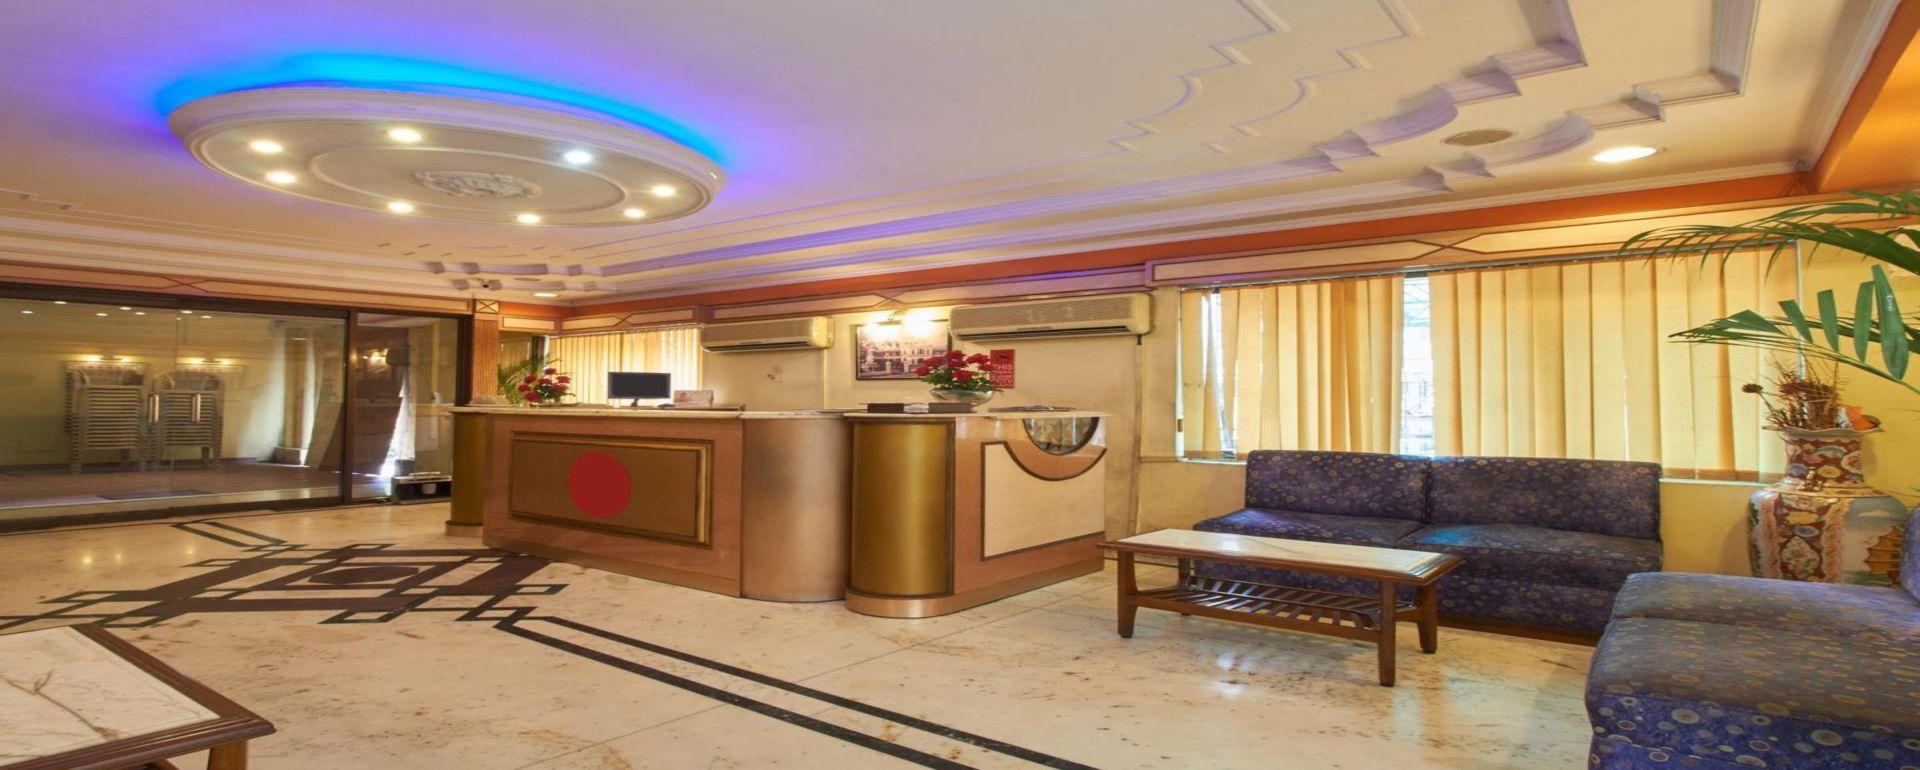 hotel-pallavi